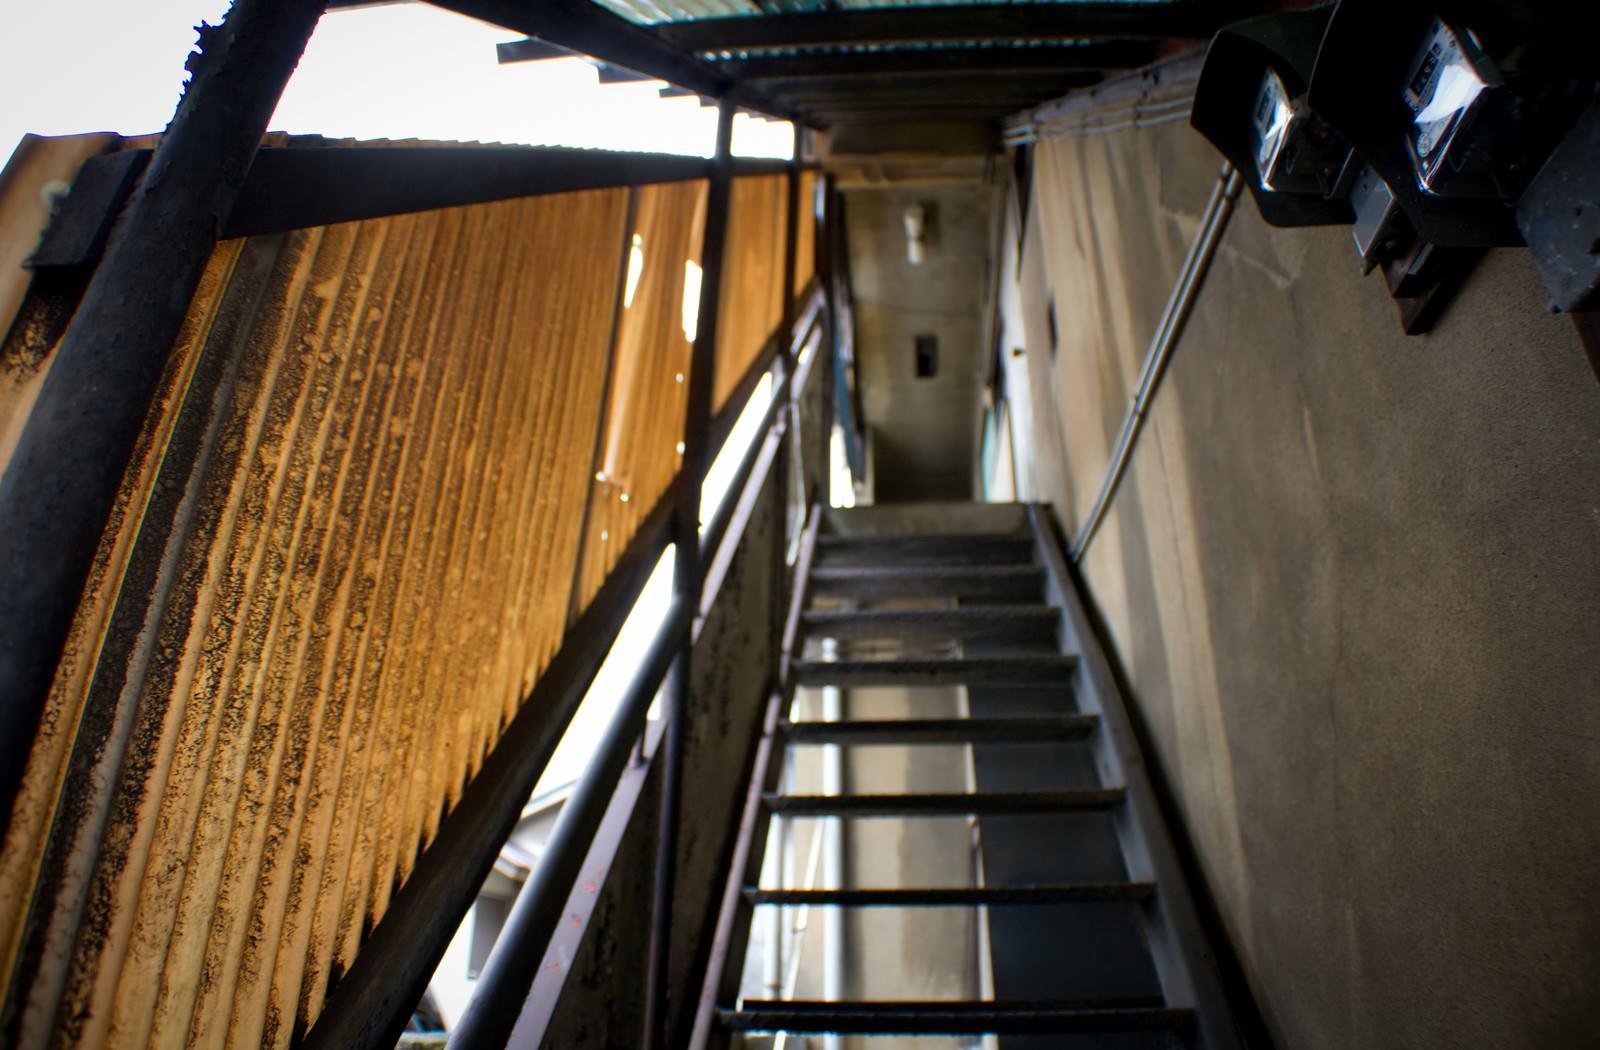 「不気味なアパートの階段 | 写真の無料素材・フリー素材 - ぱくたそ」の写真